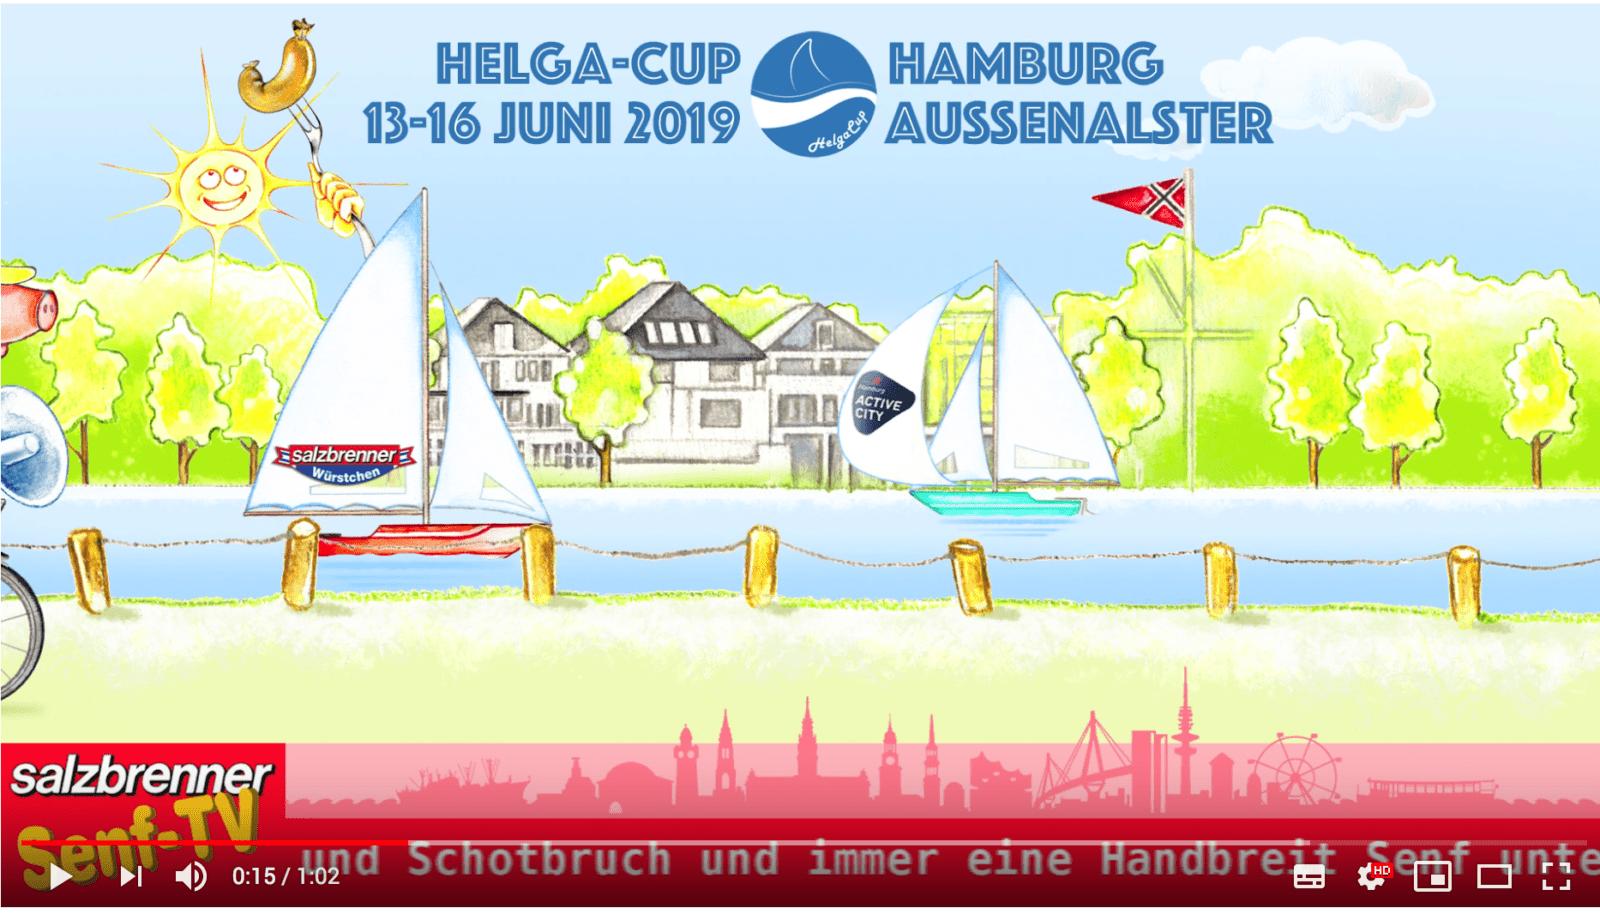 Salzbrenner Würstchen beim Helga Cup